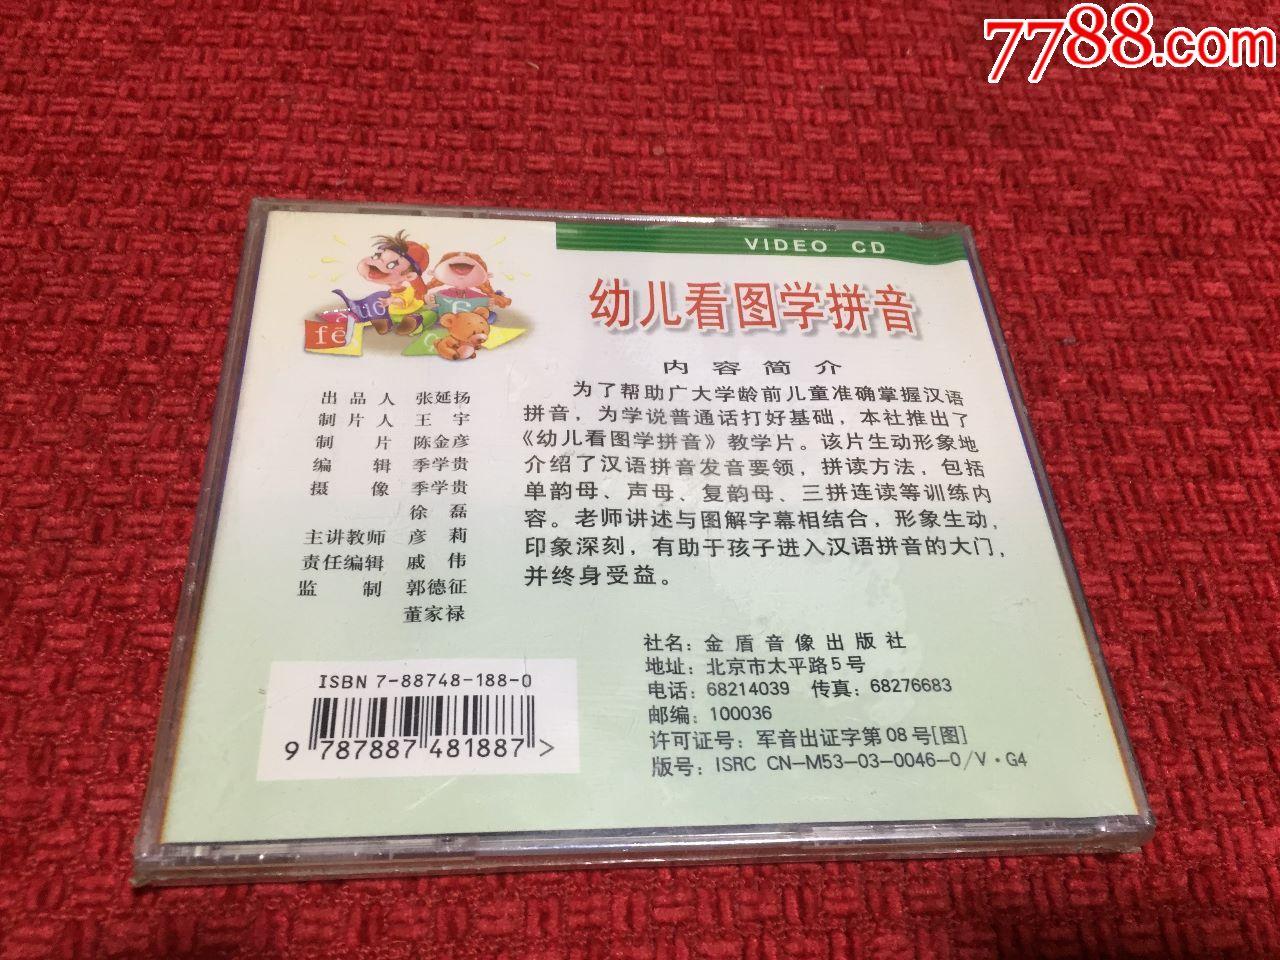 幼儿看图学拼音,vcd_价格1元【陈州磁带店】_第2张